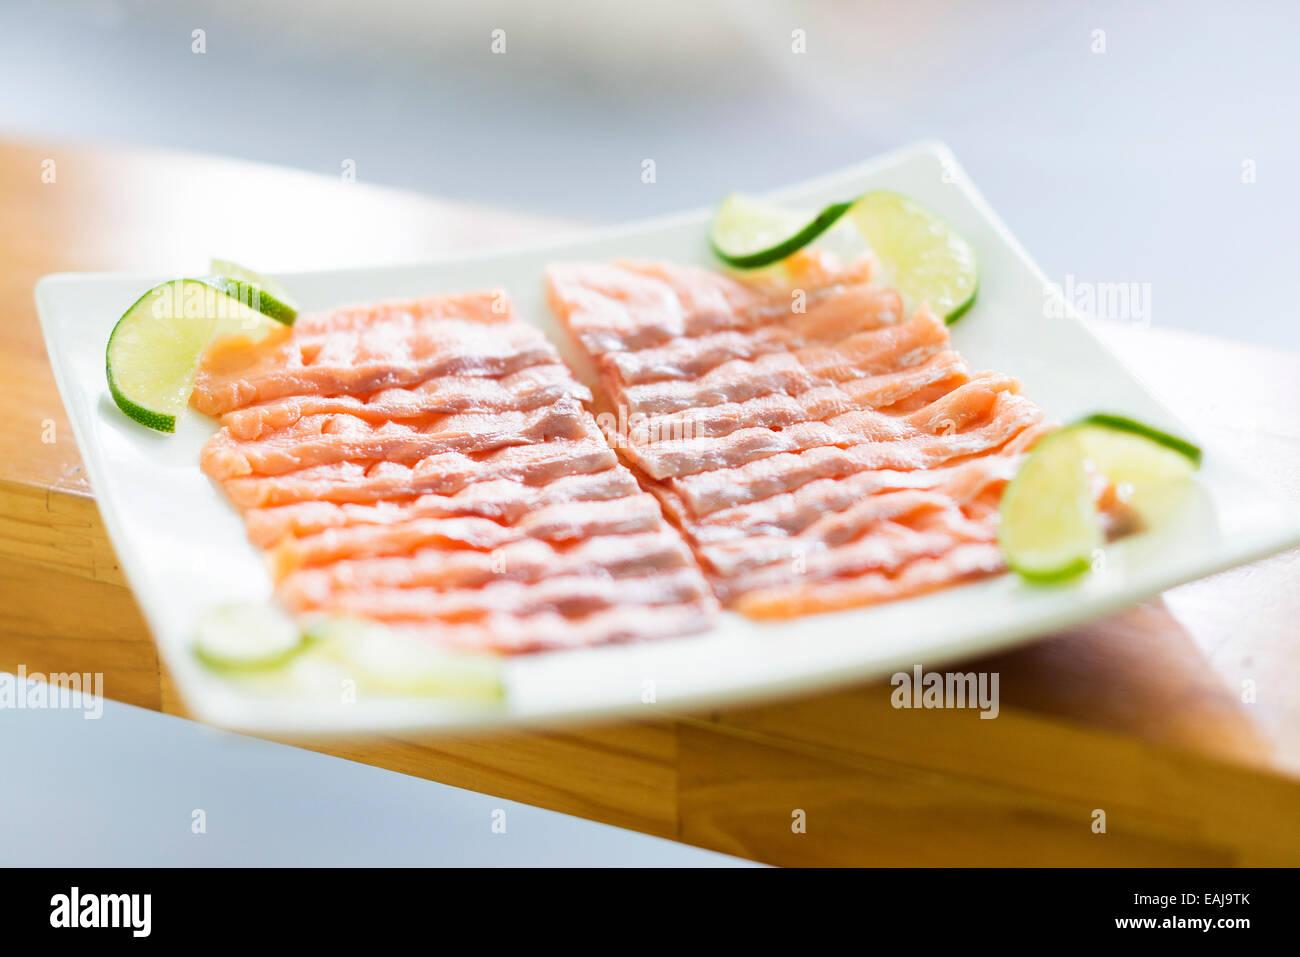 Plato de salmón ahumado en la placa con cal Imagen De Stock